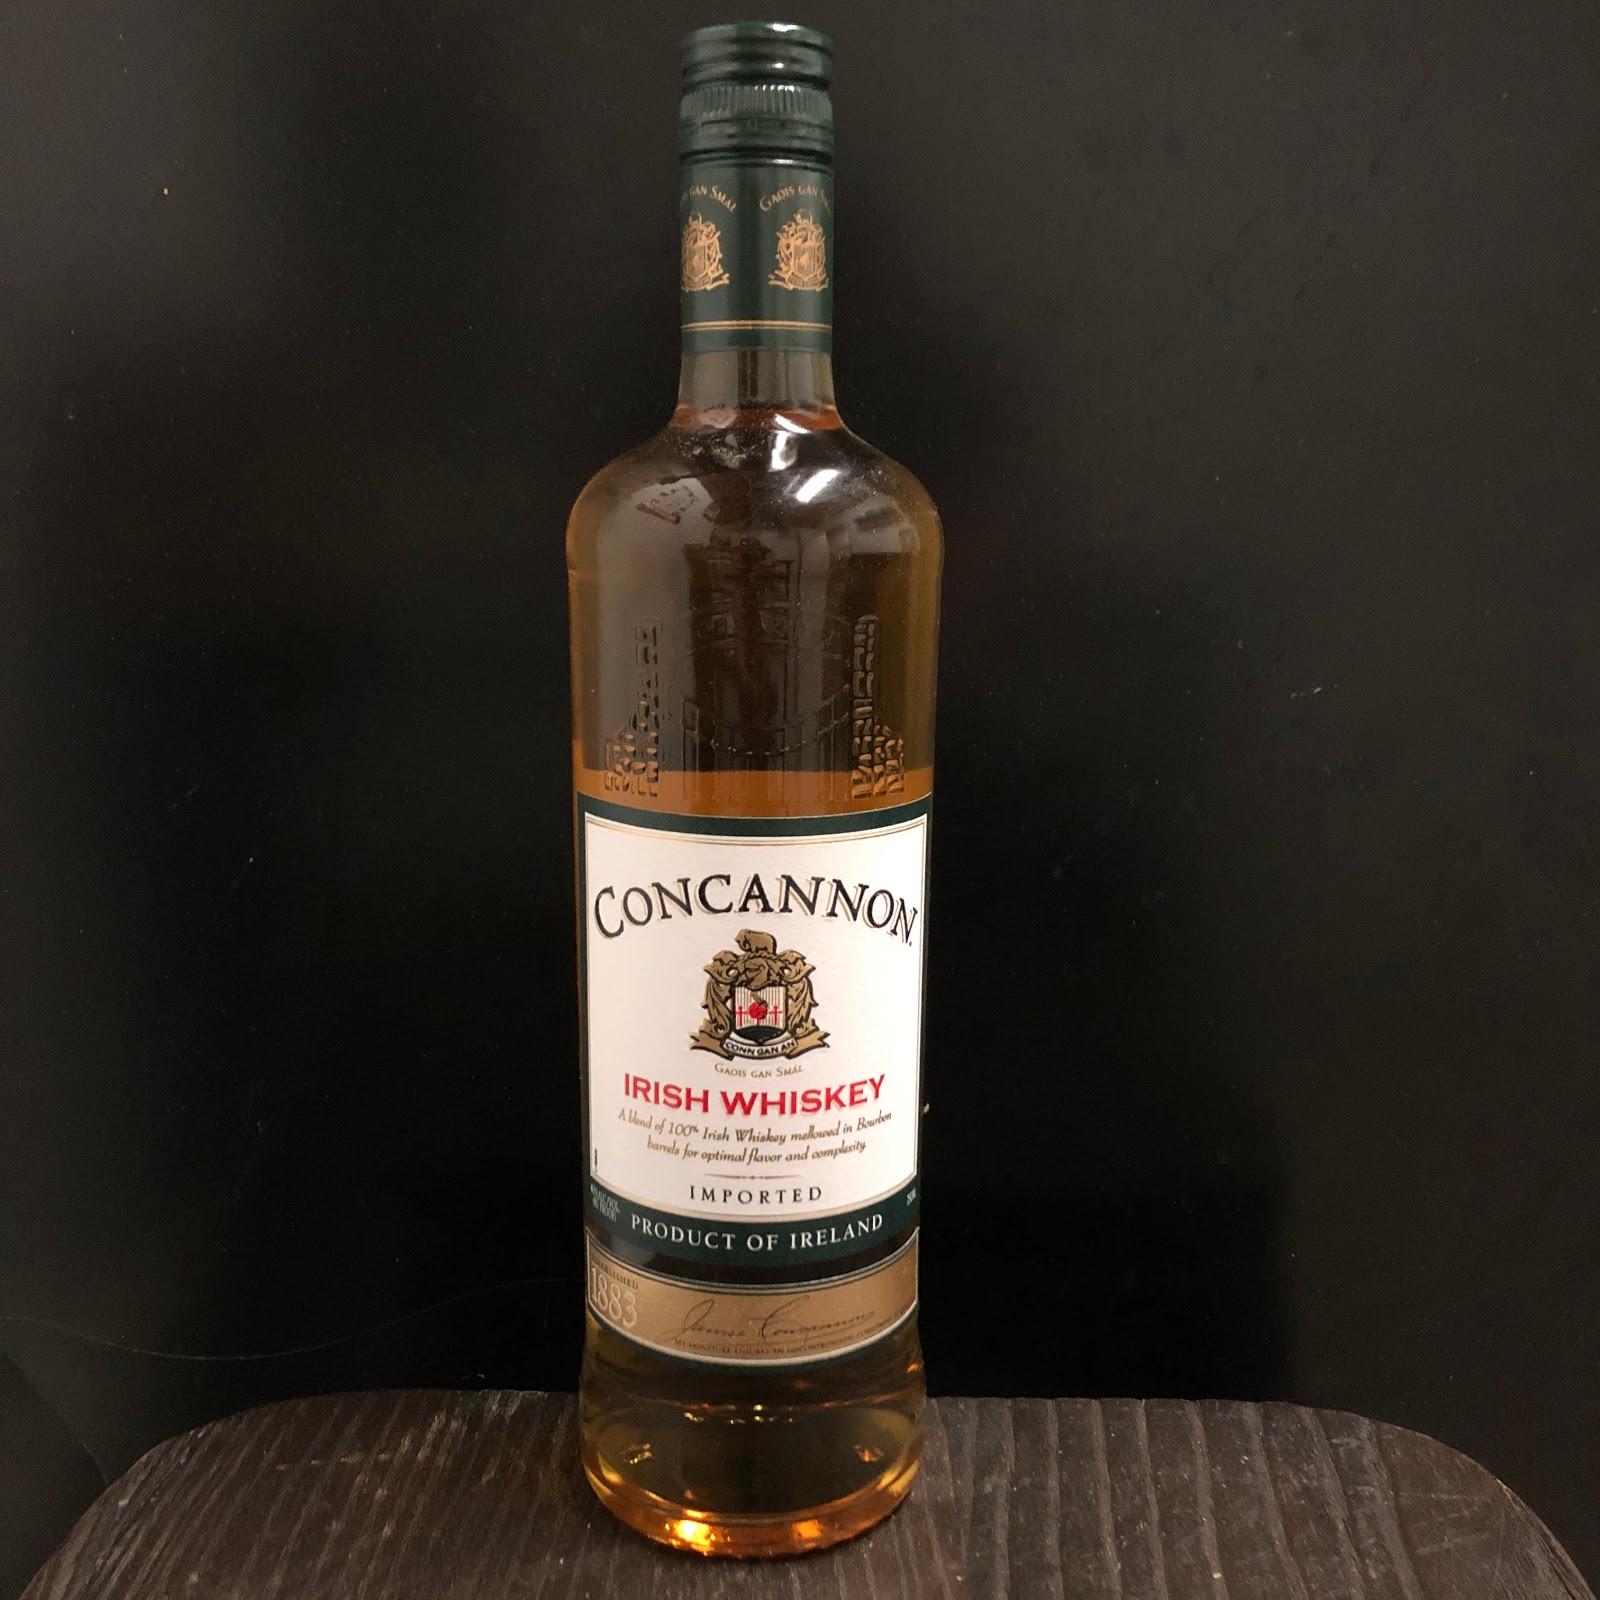 DEC 17: Concannon Irish Whiskey